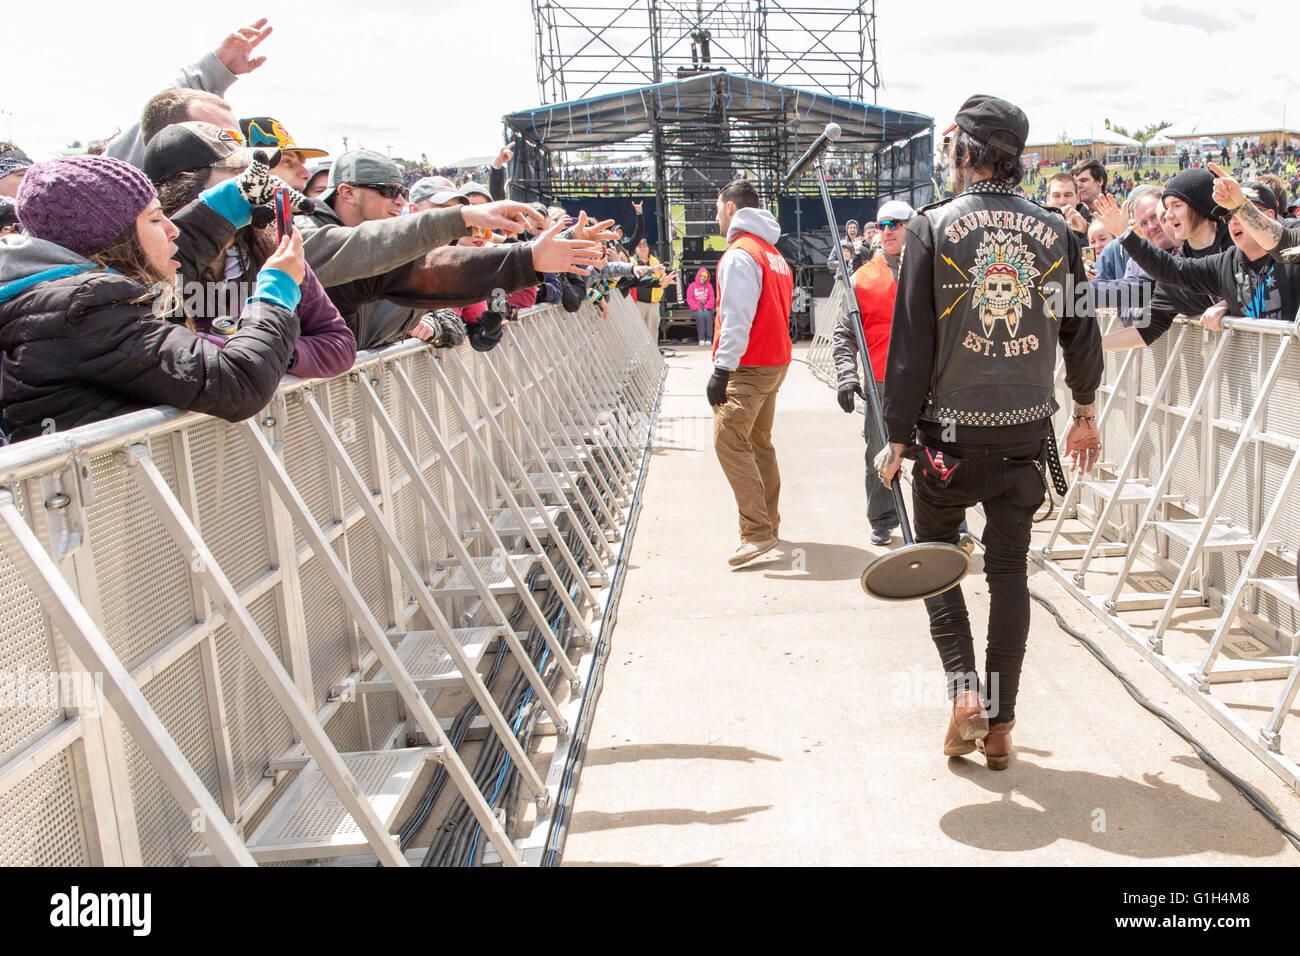 Somerset, Wisconsin, Estados Unidos. 14 de mayo de 2016. Rapero YELAWOLF paseos a través de la multitud en Imagen De Stock